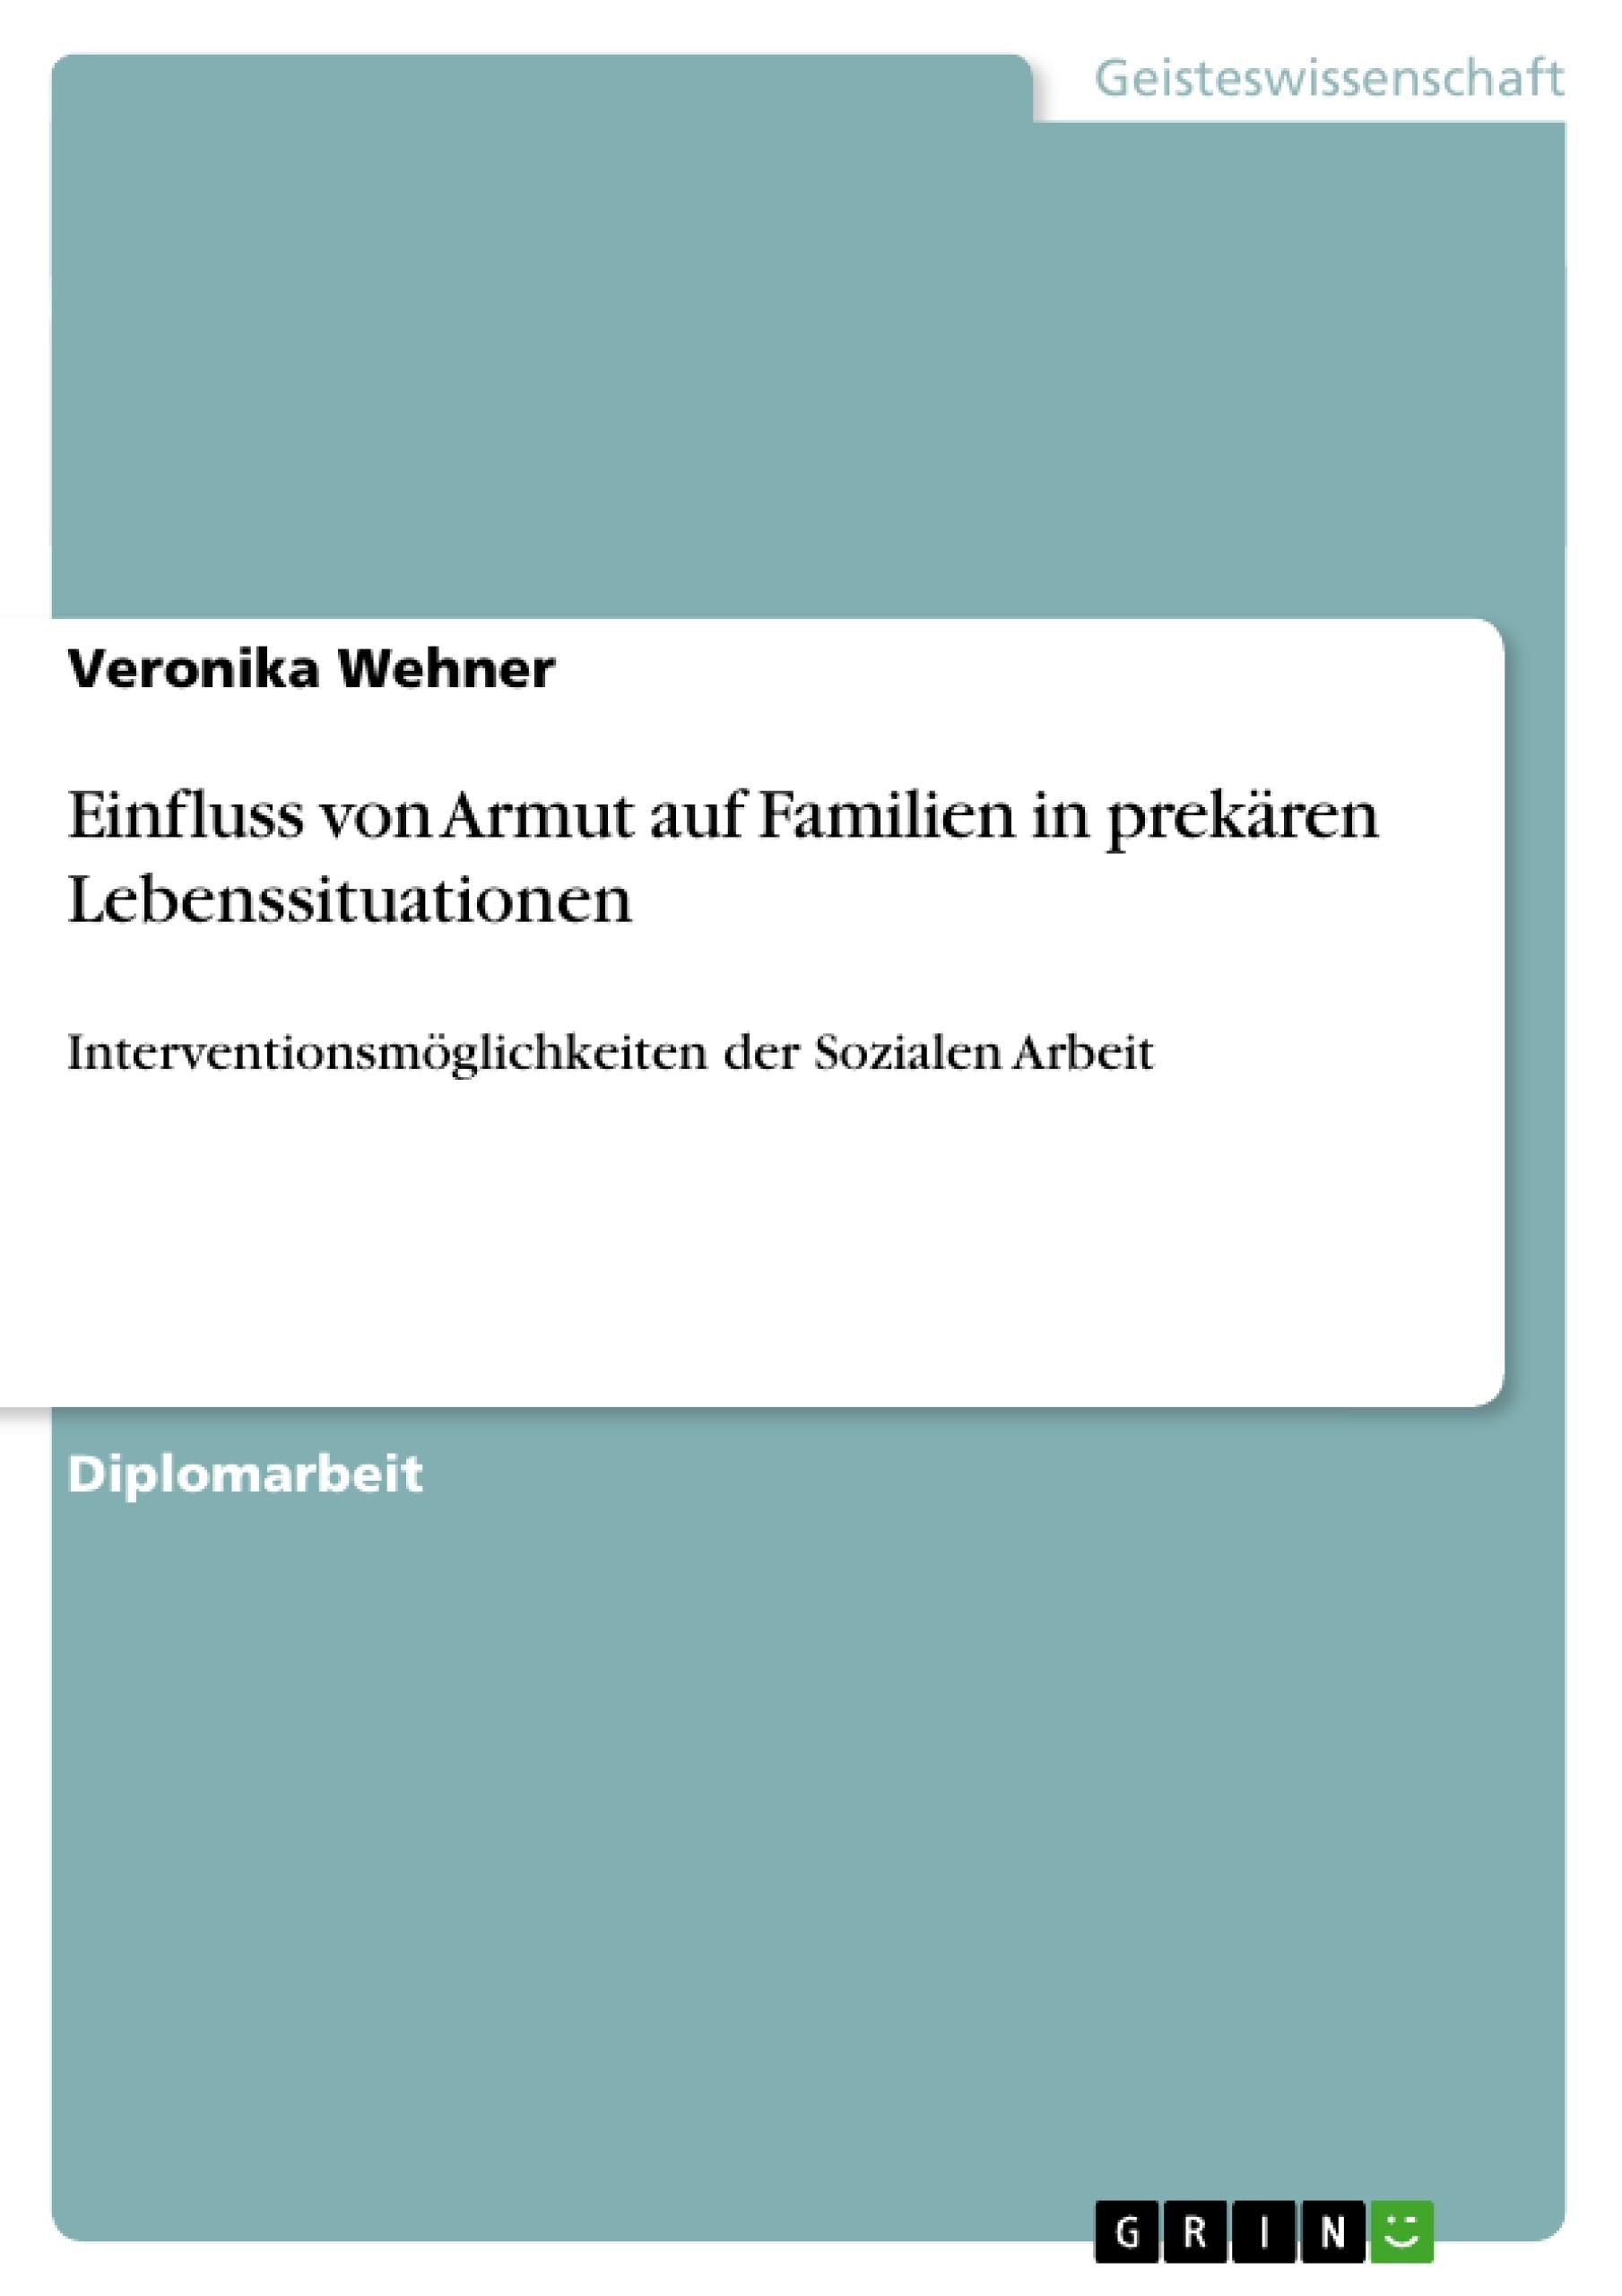 Titel: Einfluss von Armut auf Familien in prekären Lebenssituationen